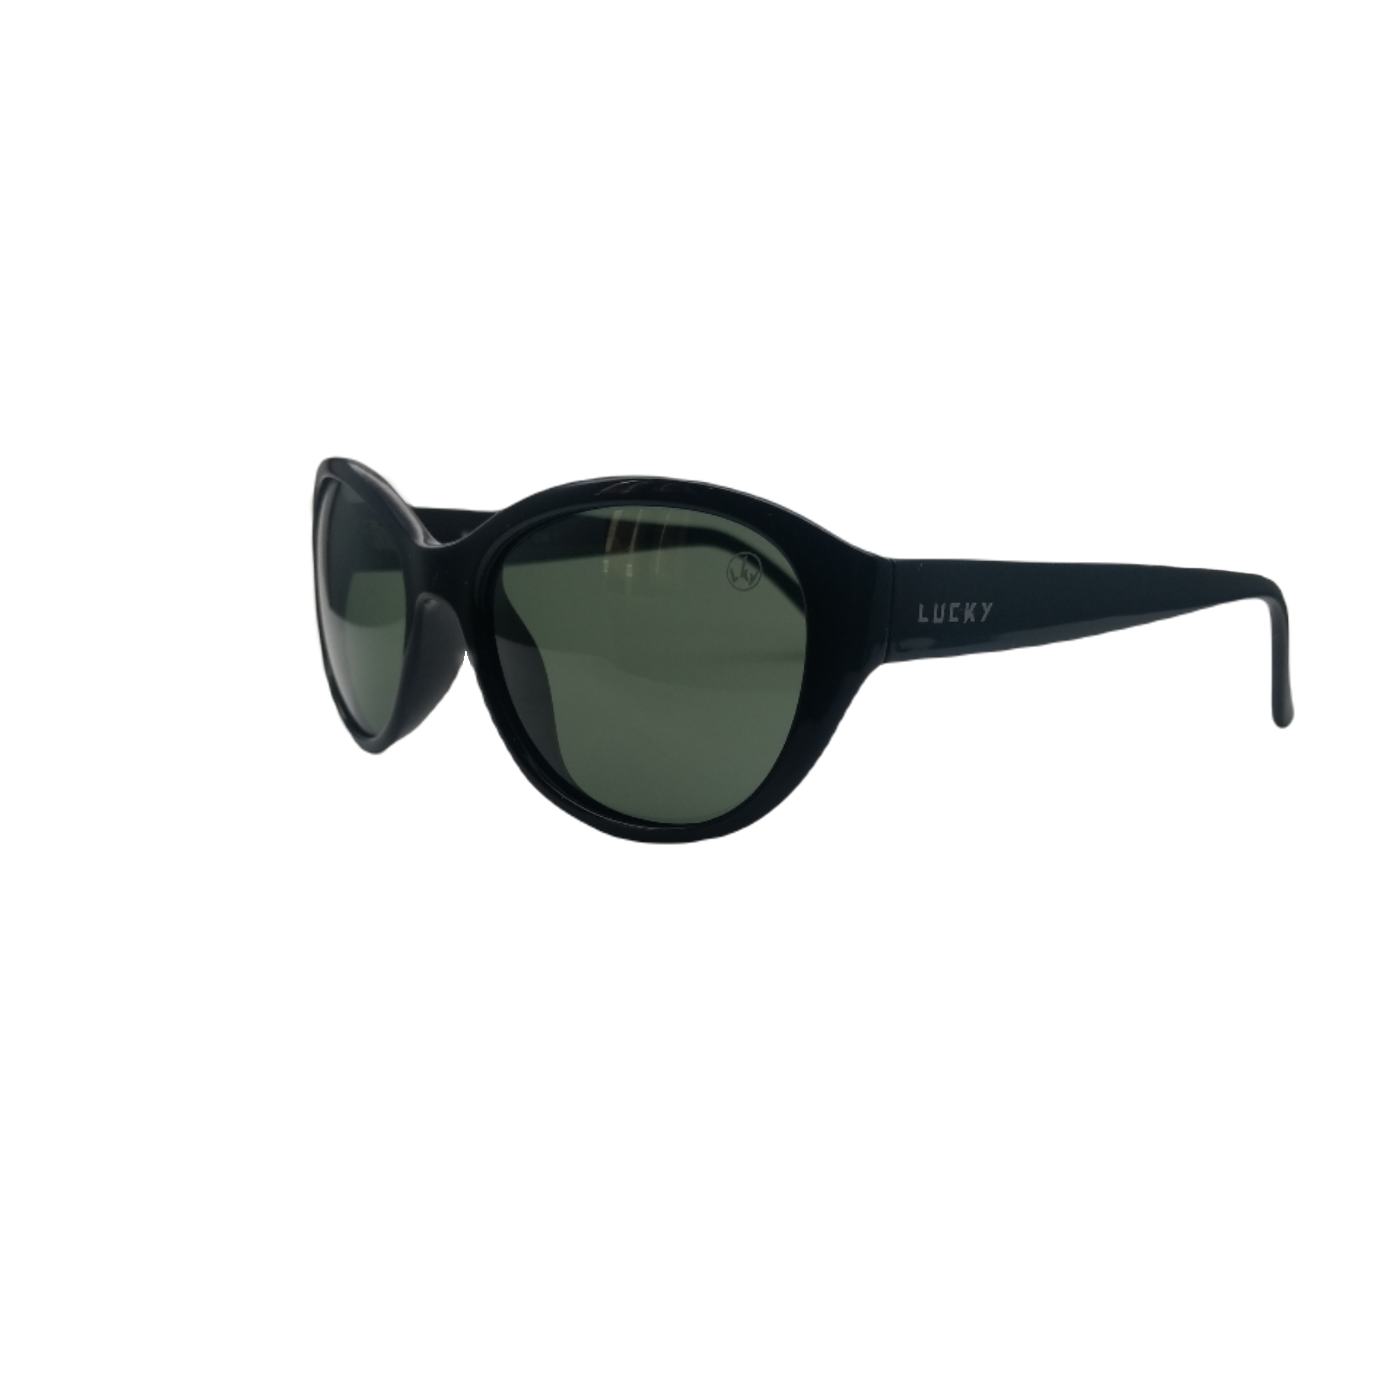 Óculos de Sol Polarizado Feminino Lucky702